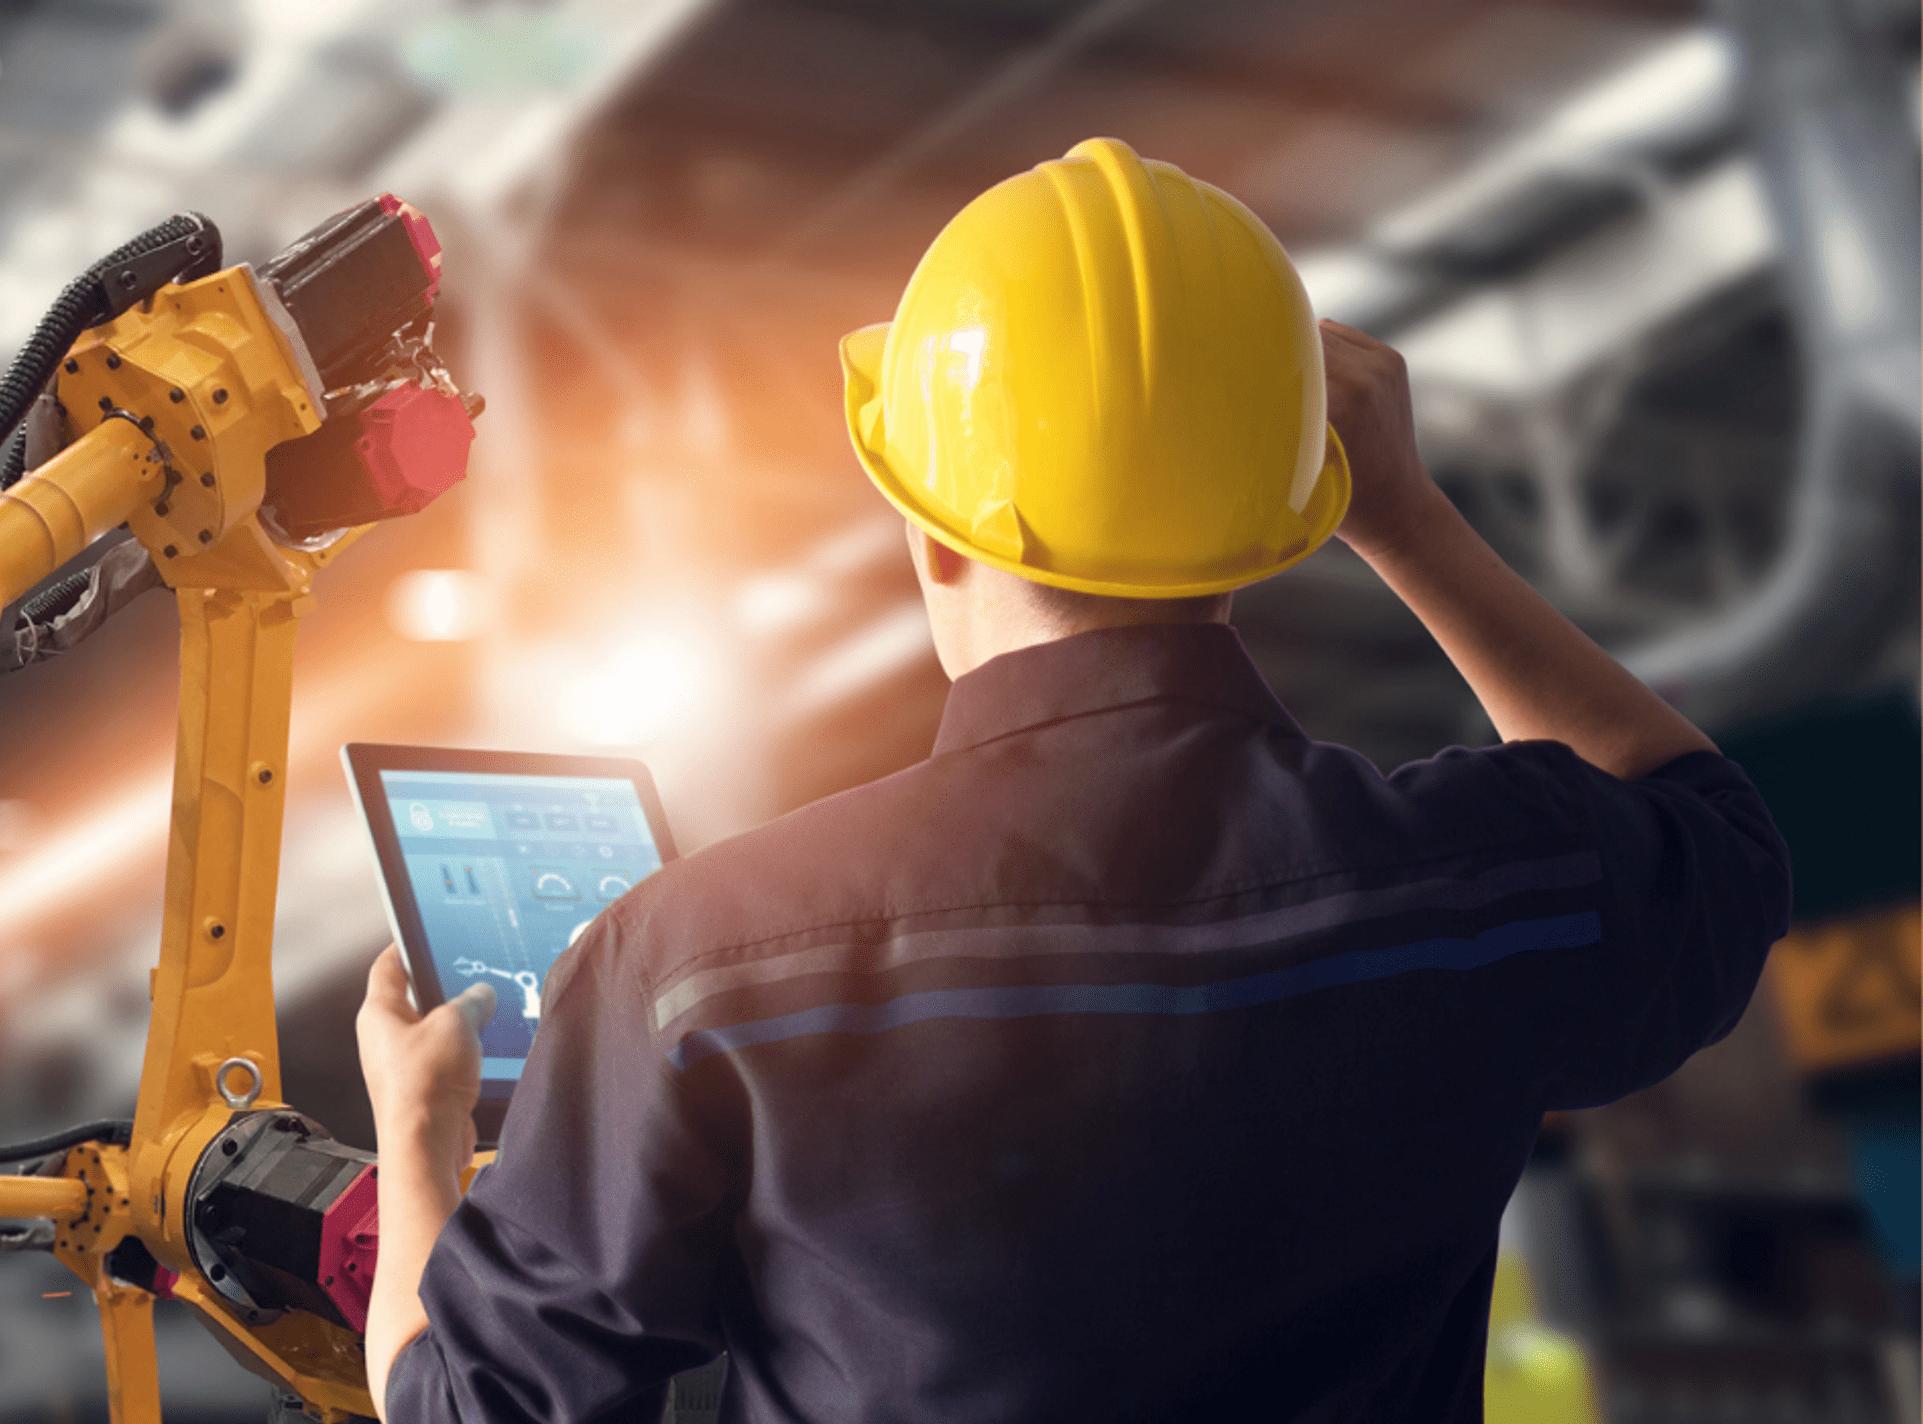 Accruent - Resources - Webinars - Maintenance Intelligence - Wie digital ist Ihre Instandhaltung? - Hero